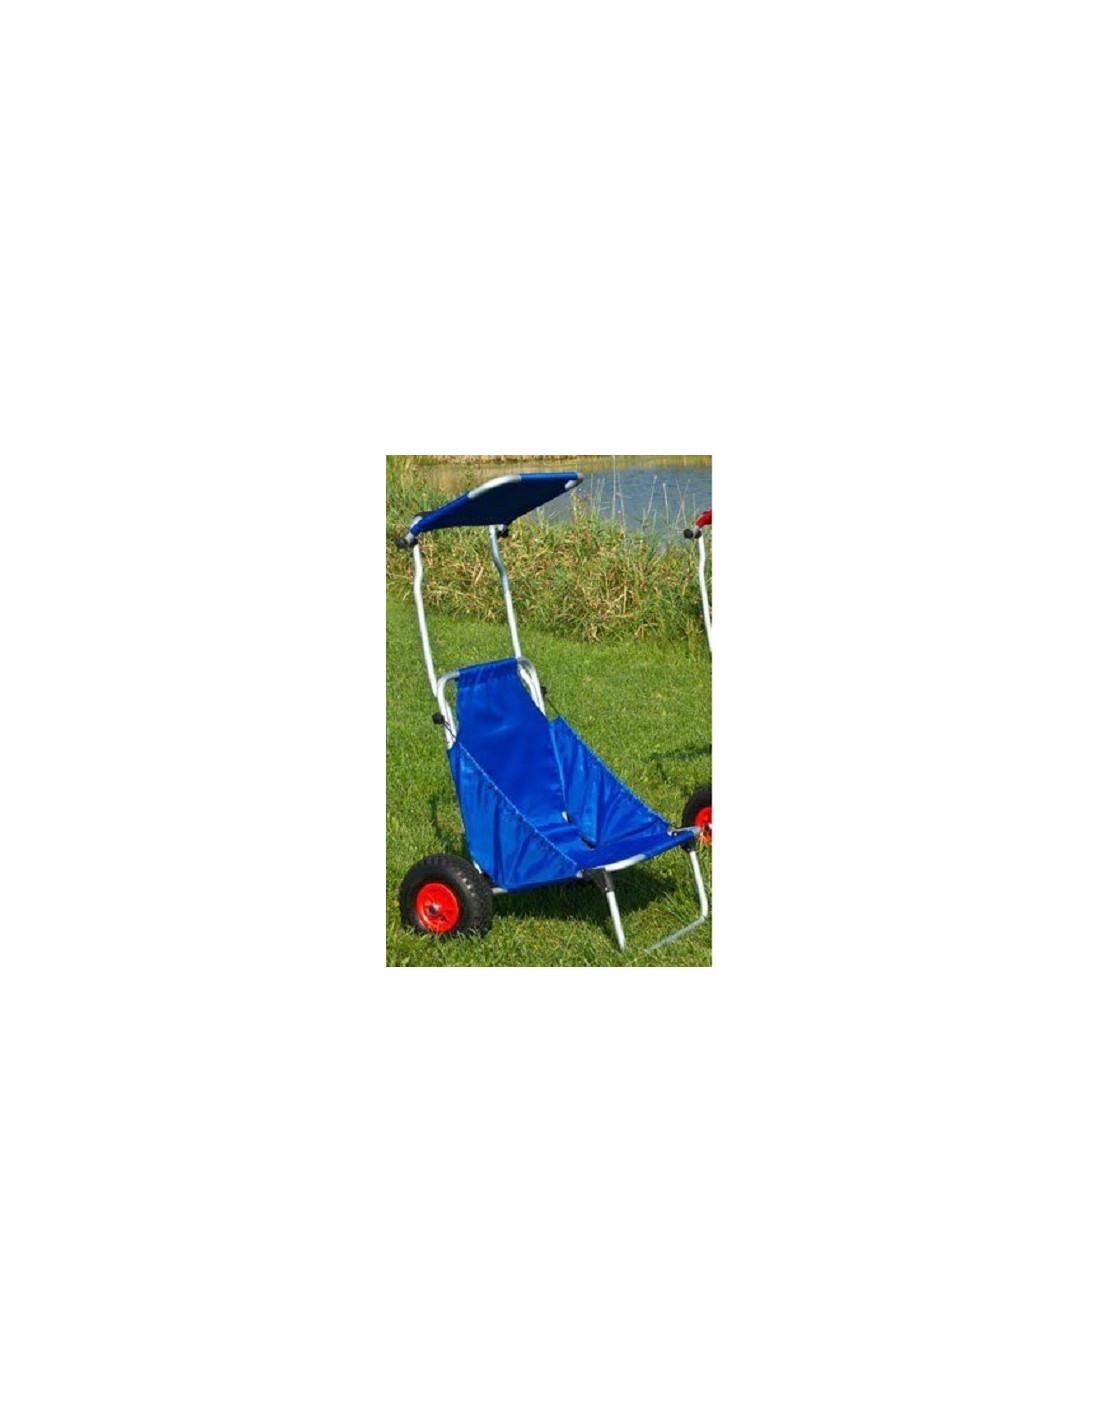 Carro silla de playa con toldo en aluminio tienda de camping online - Toldos para la playa ...